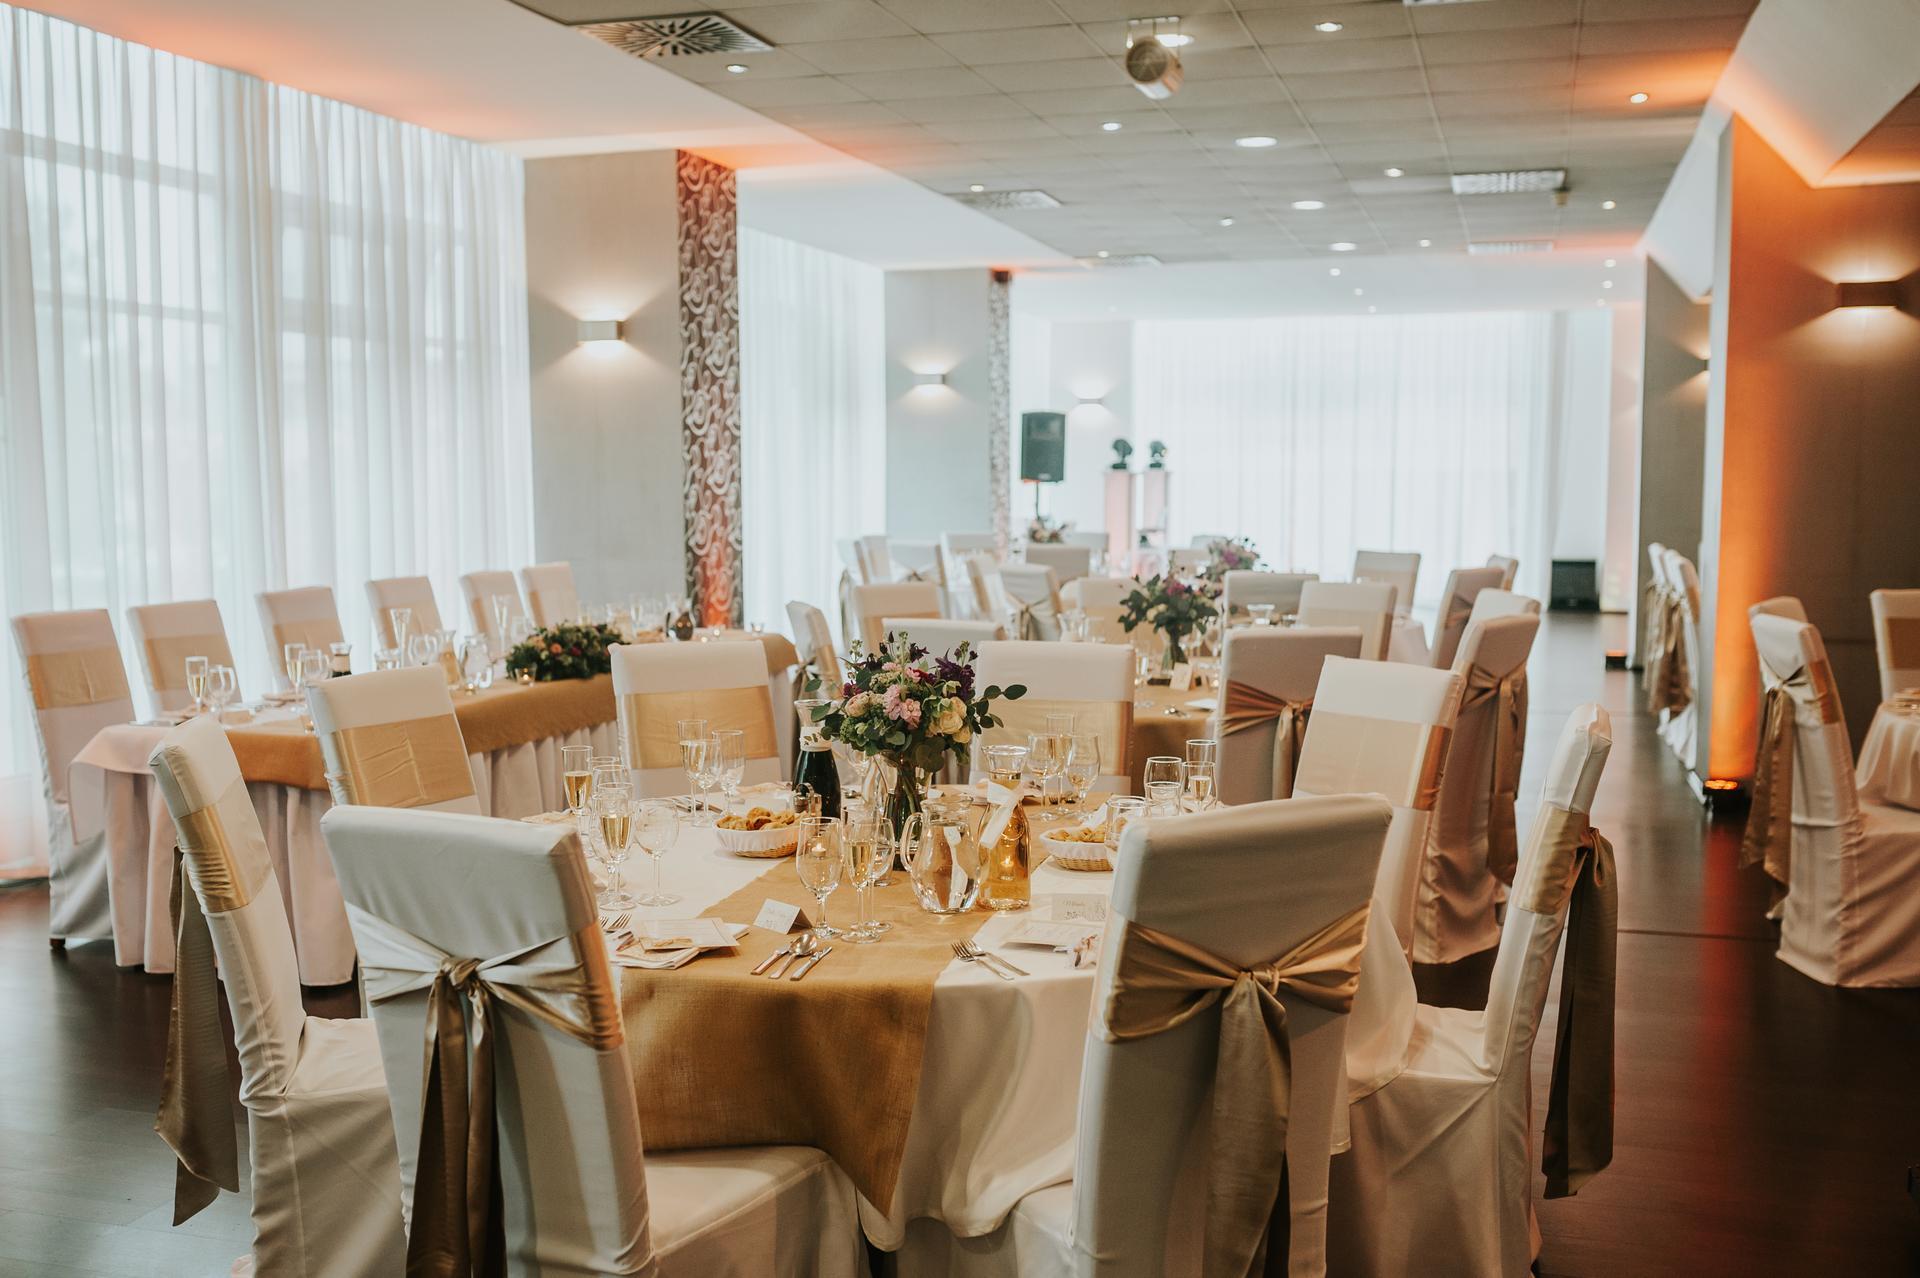 Opatrenia sa pomaličky uvoľňujú a vy ešte nemáte priestor na Vašu svadobnú hostinu? Maranello-ristorante je to ideálne miesto! Kontaktujte nás mailom na info@maranello-ristorante.sk alebo na tel.č.0948080180 - Obrázok č. 3